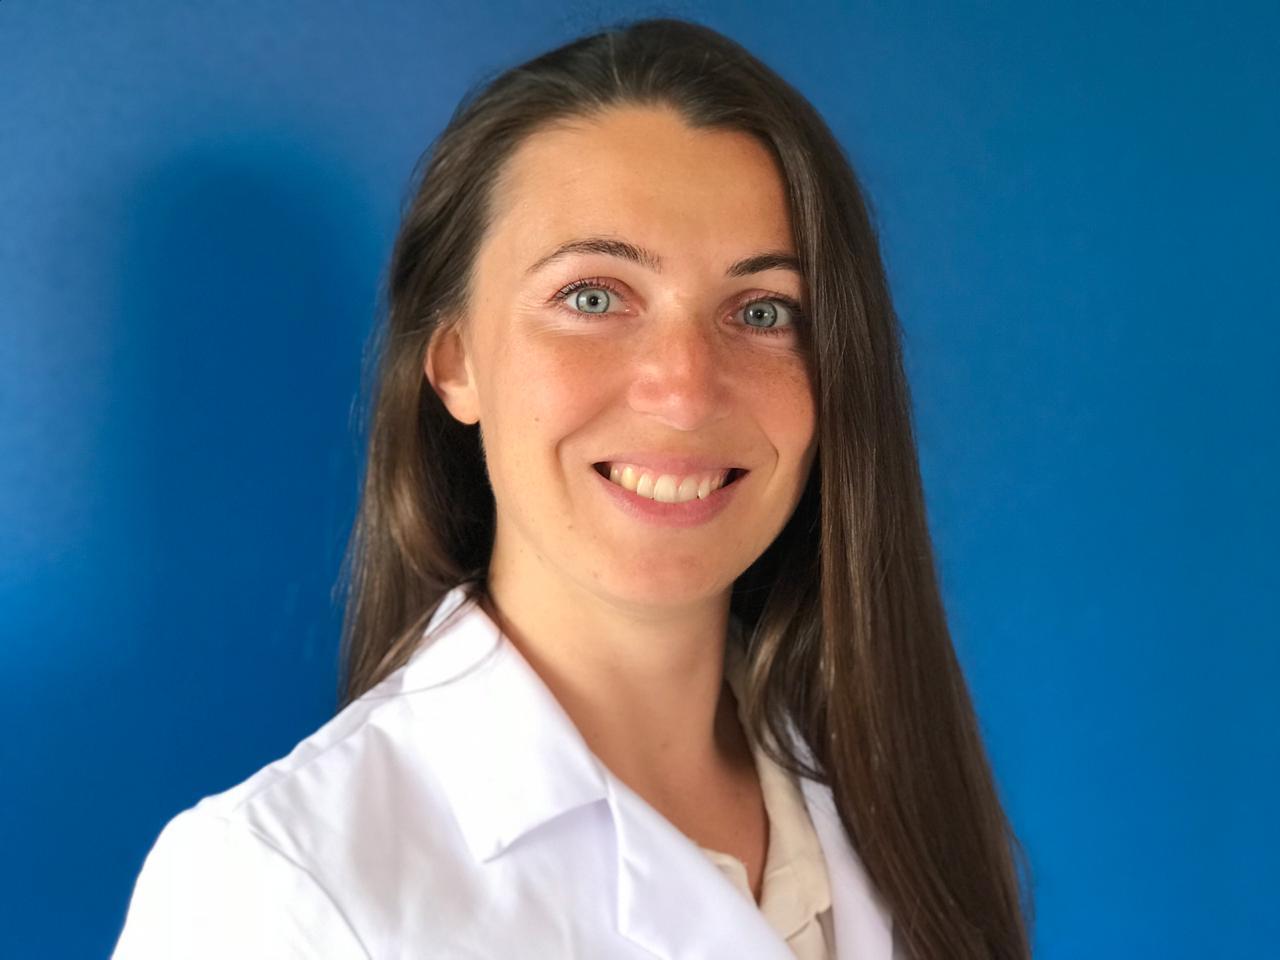 Amandine Guillemard Sabourdy